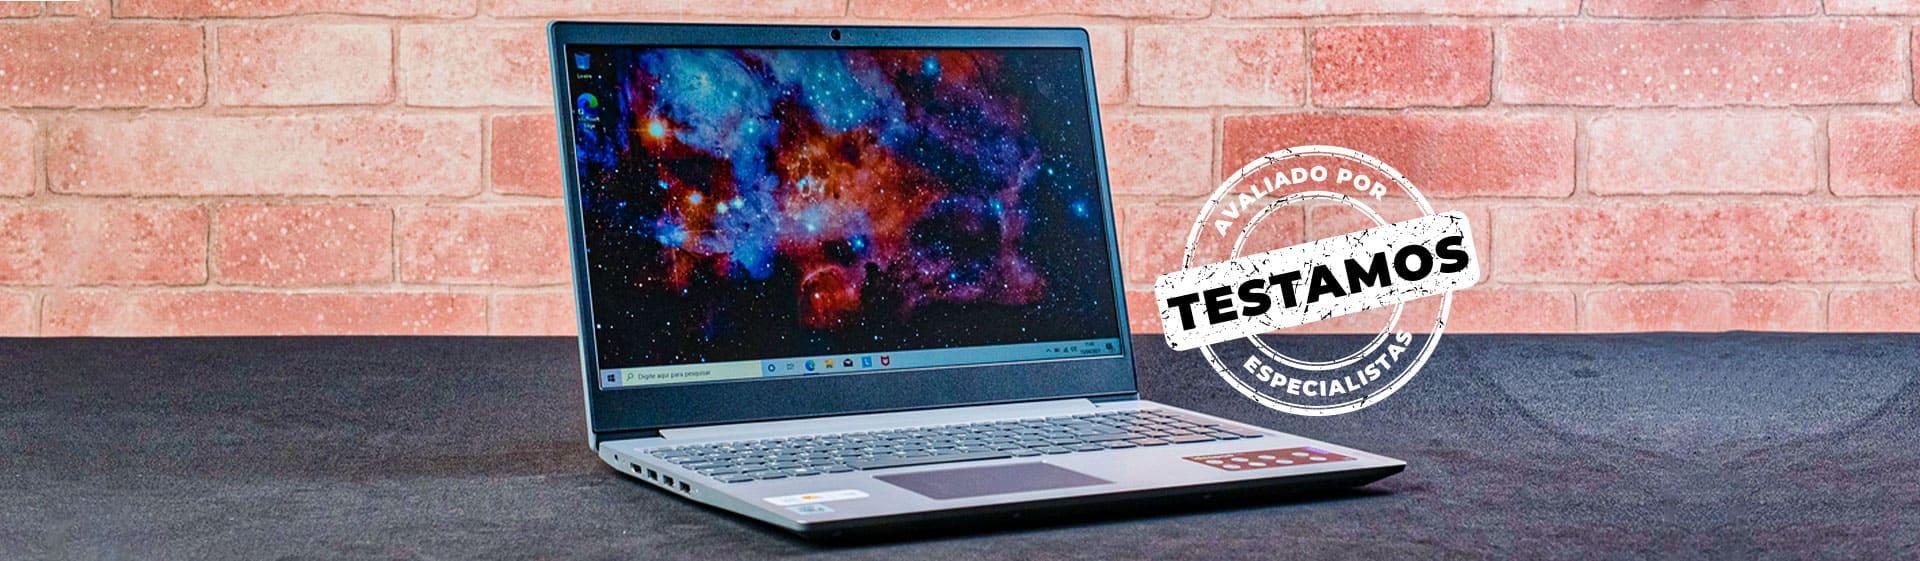 Lenovo IdeaPad S145 i5 8GB com SSD: rápido, mas tela e câmera fracas